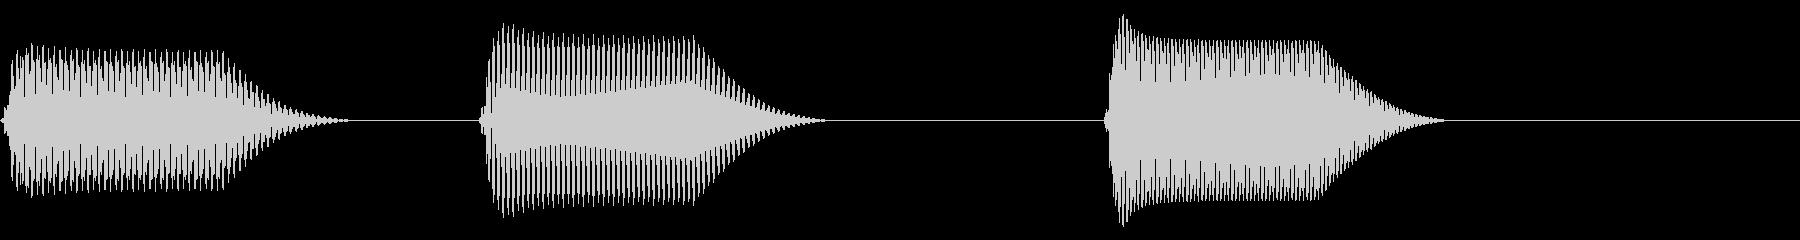 往年のRPG風 コマンド音 シリーズ12の未再生の波形